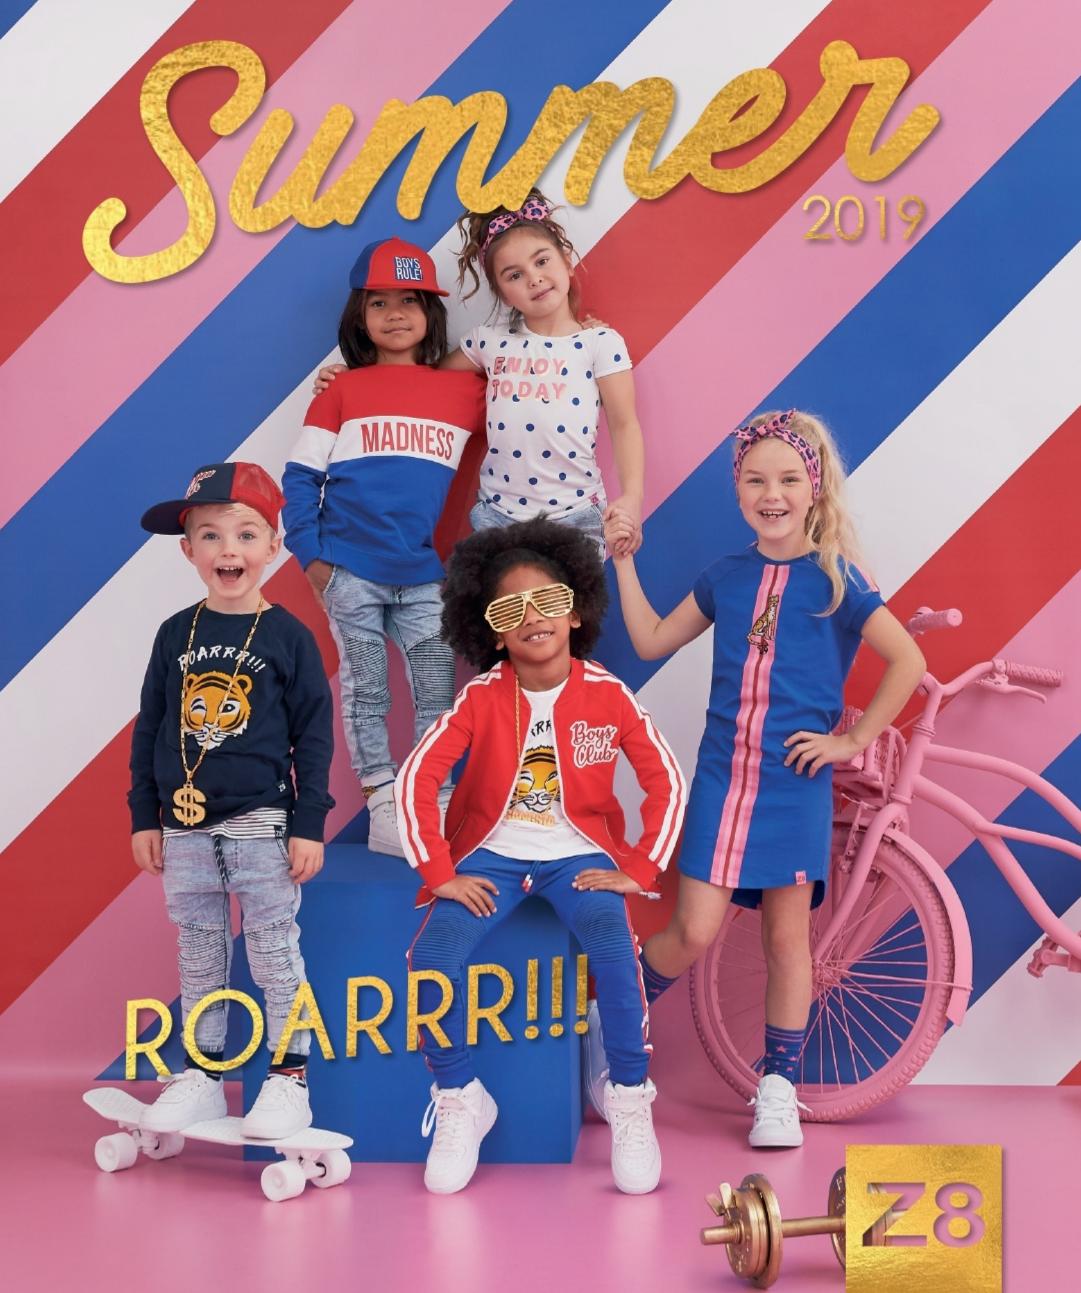 Dit is de Z8 zomercollectie voor 2019